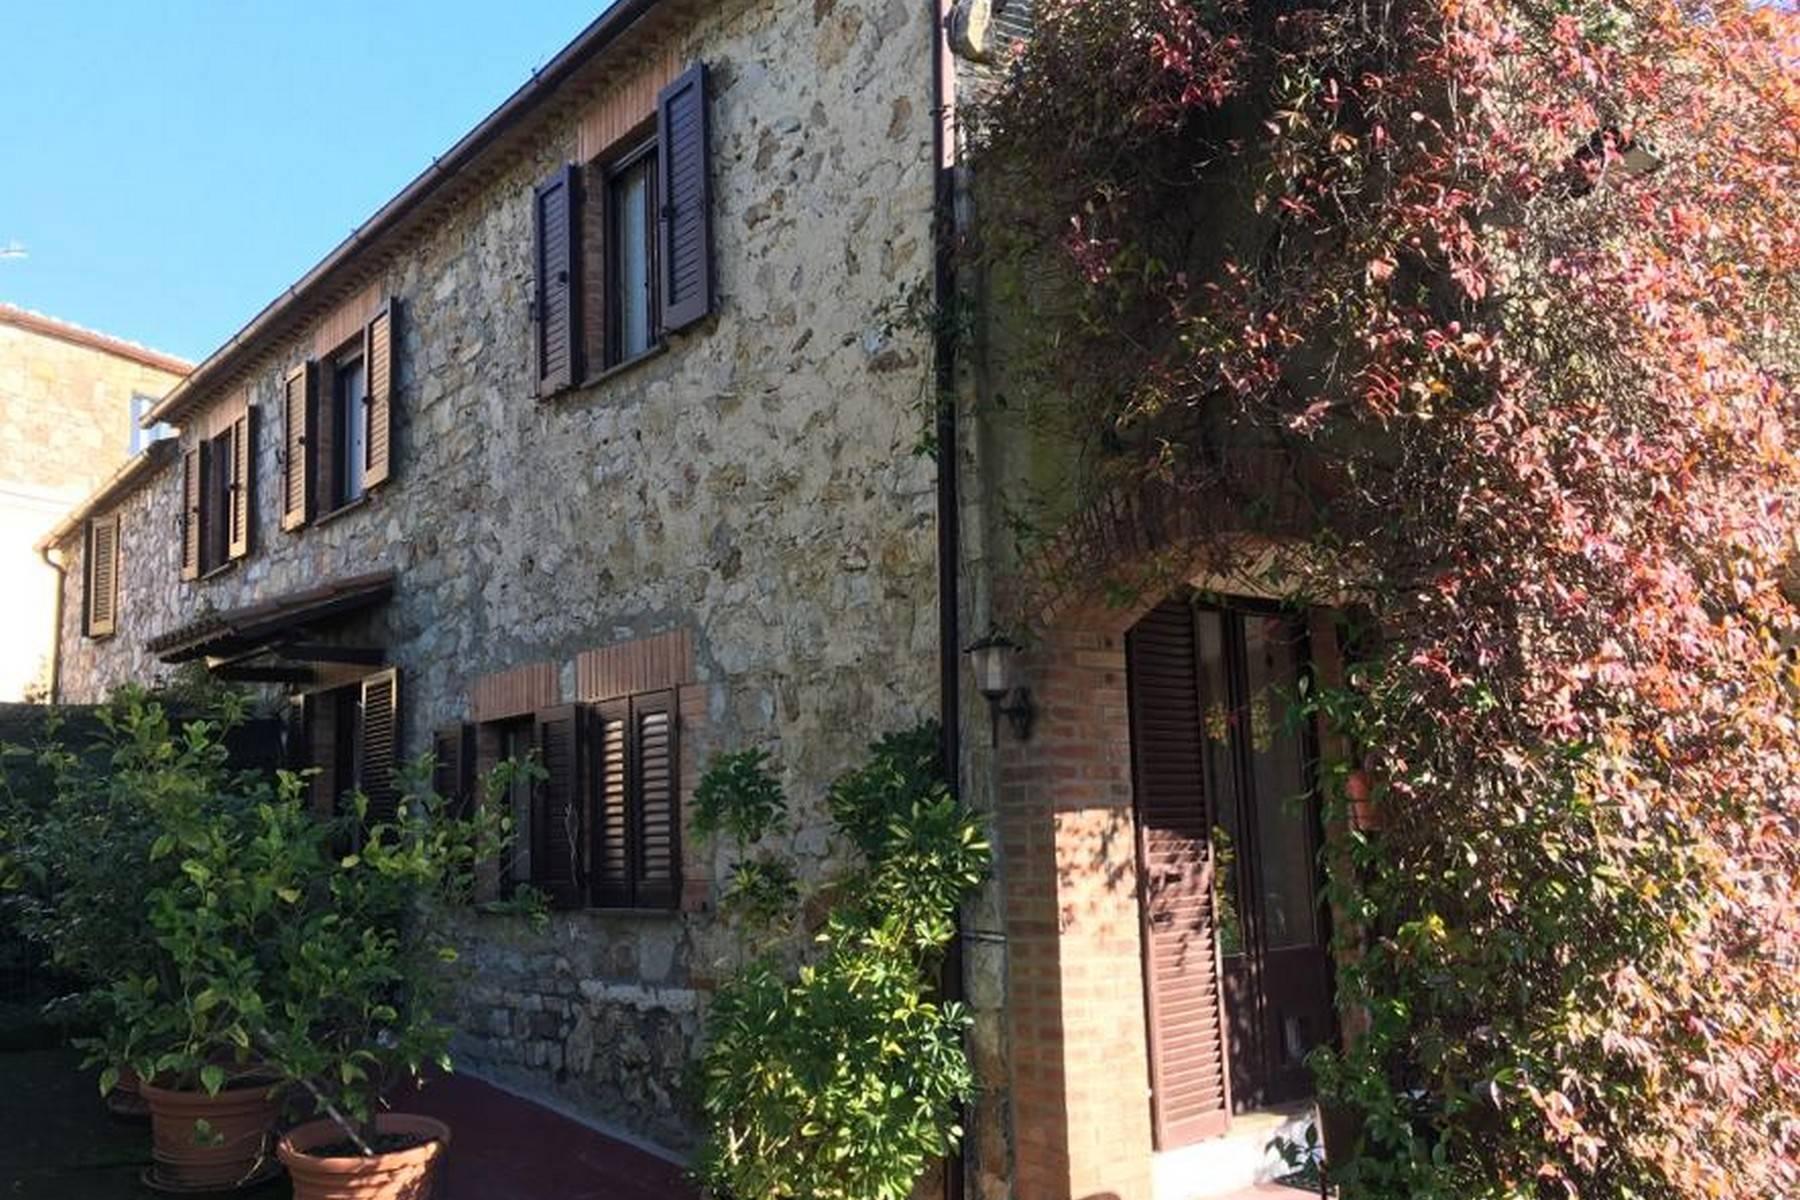 Casa indipendente in Vendita a Manciano: 5 locali, 240 mq - Foto 2